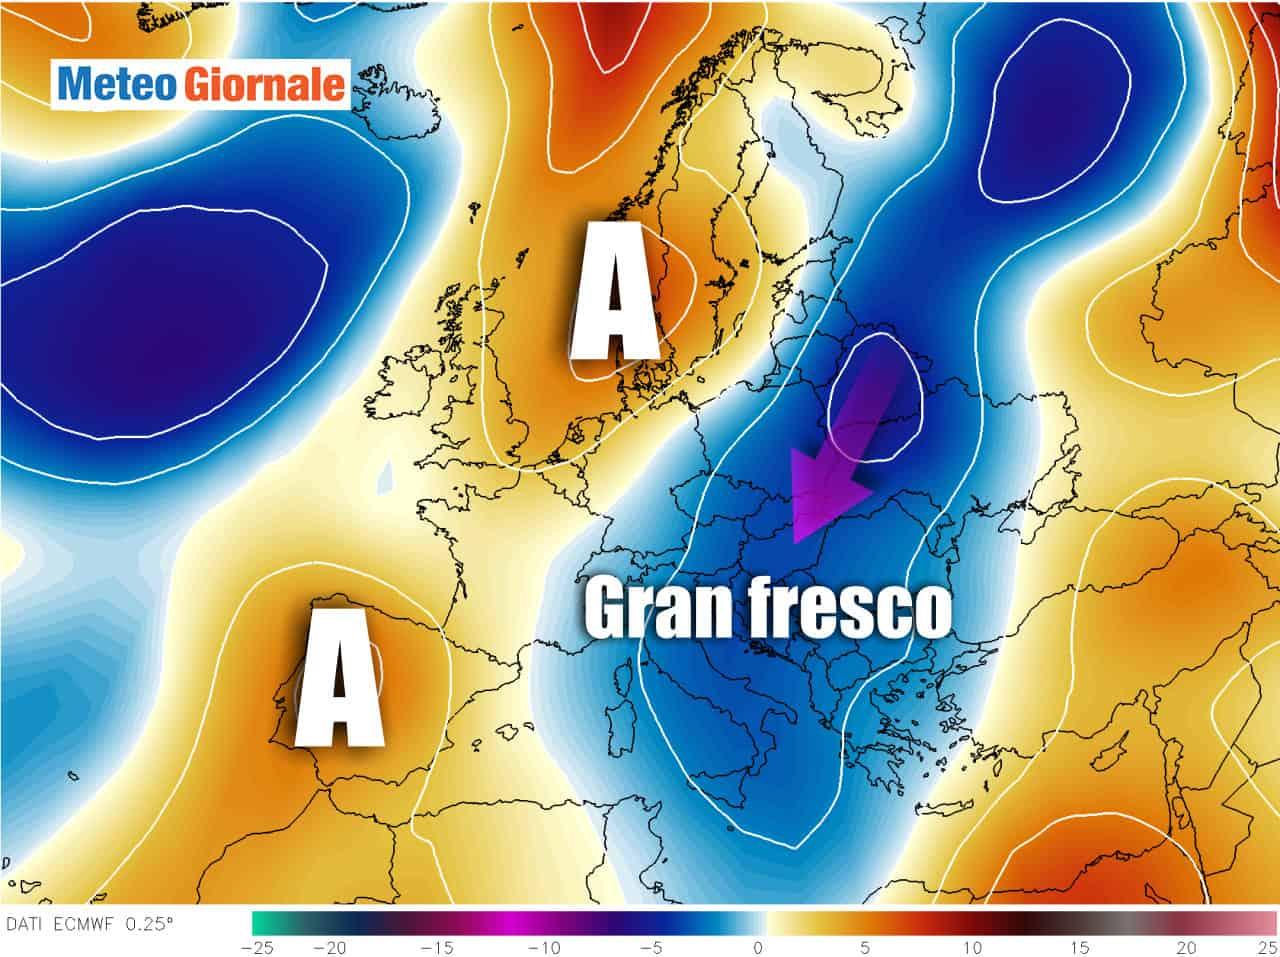 anomalie termiche - METEO della prossima settimana: temperature in picchiata